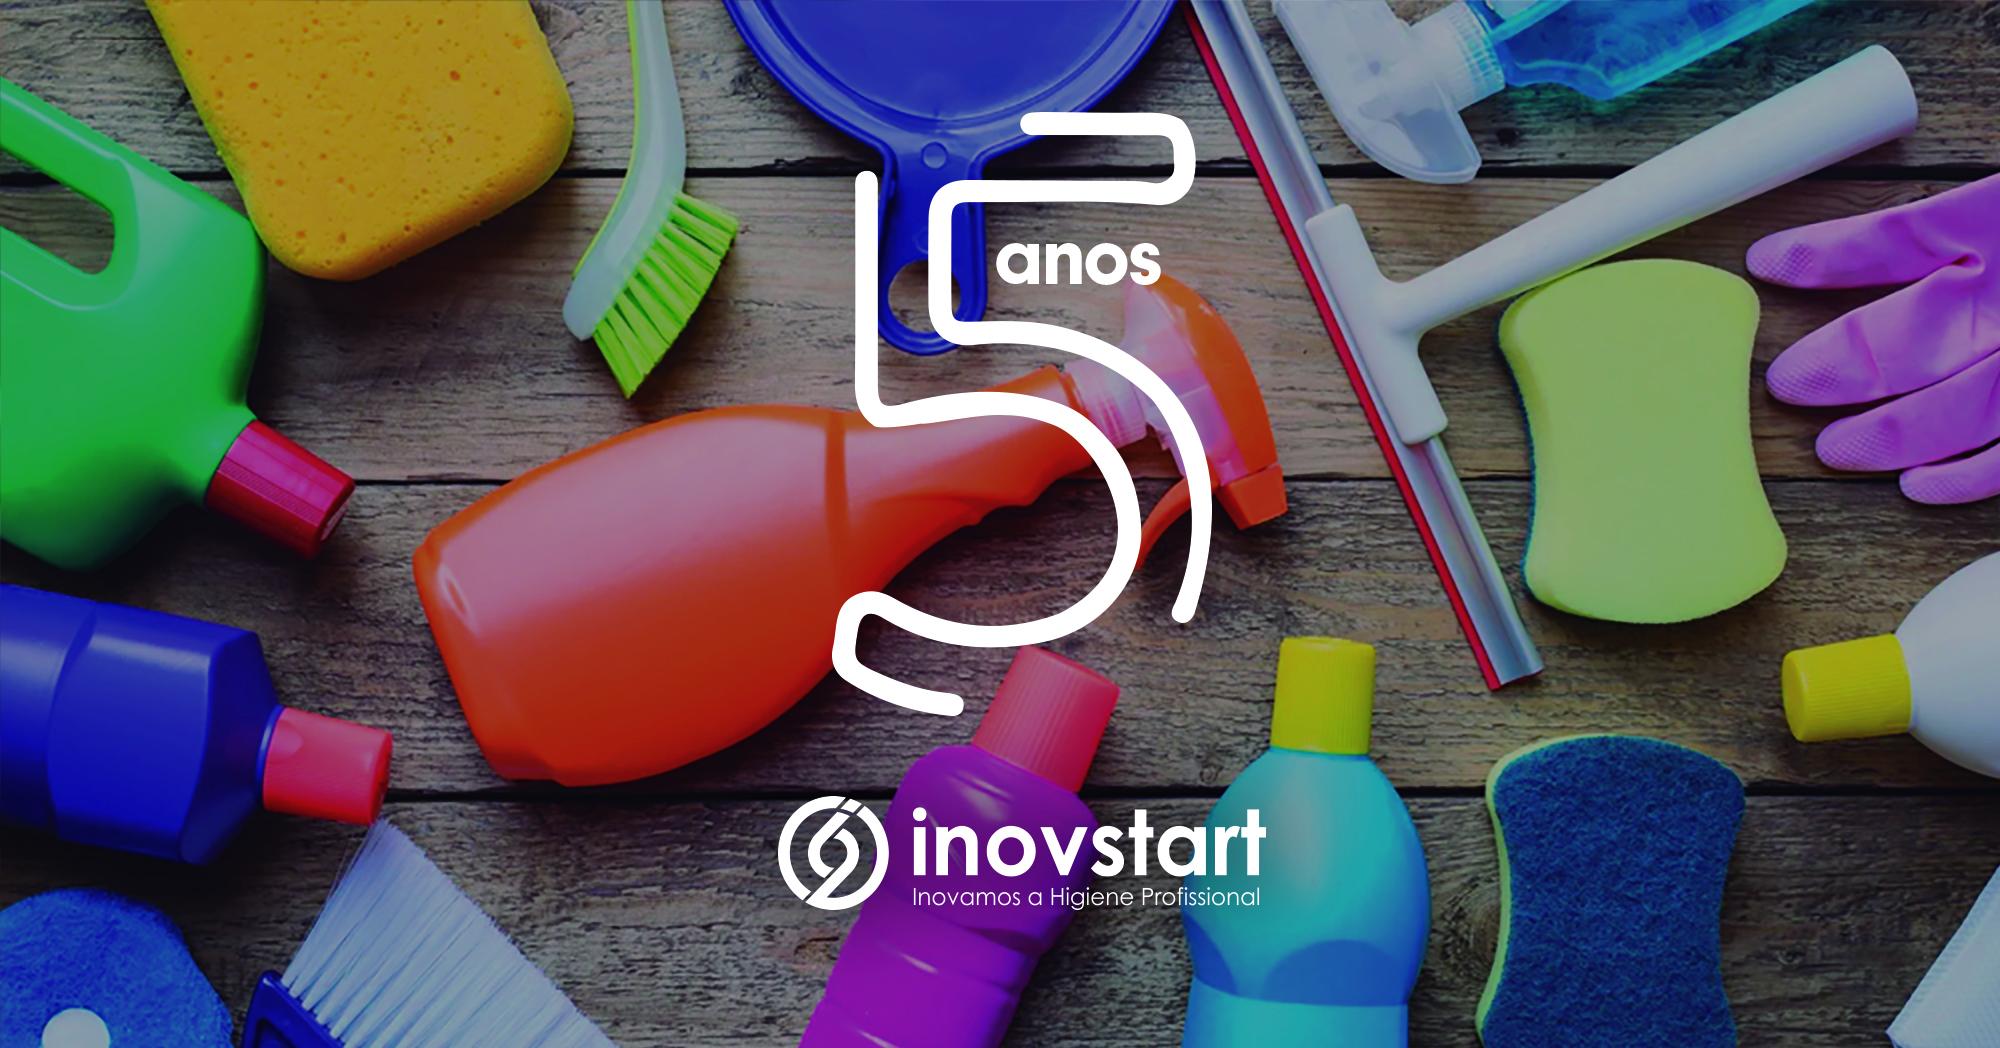 inovstart-facebook-5anos